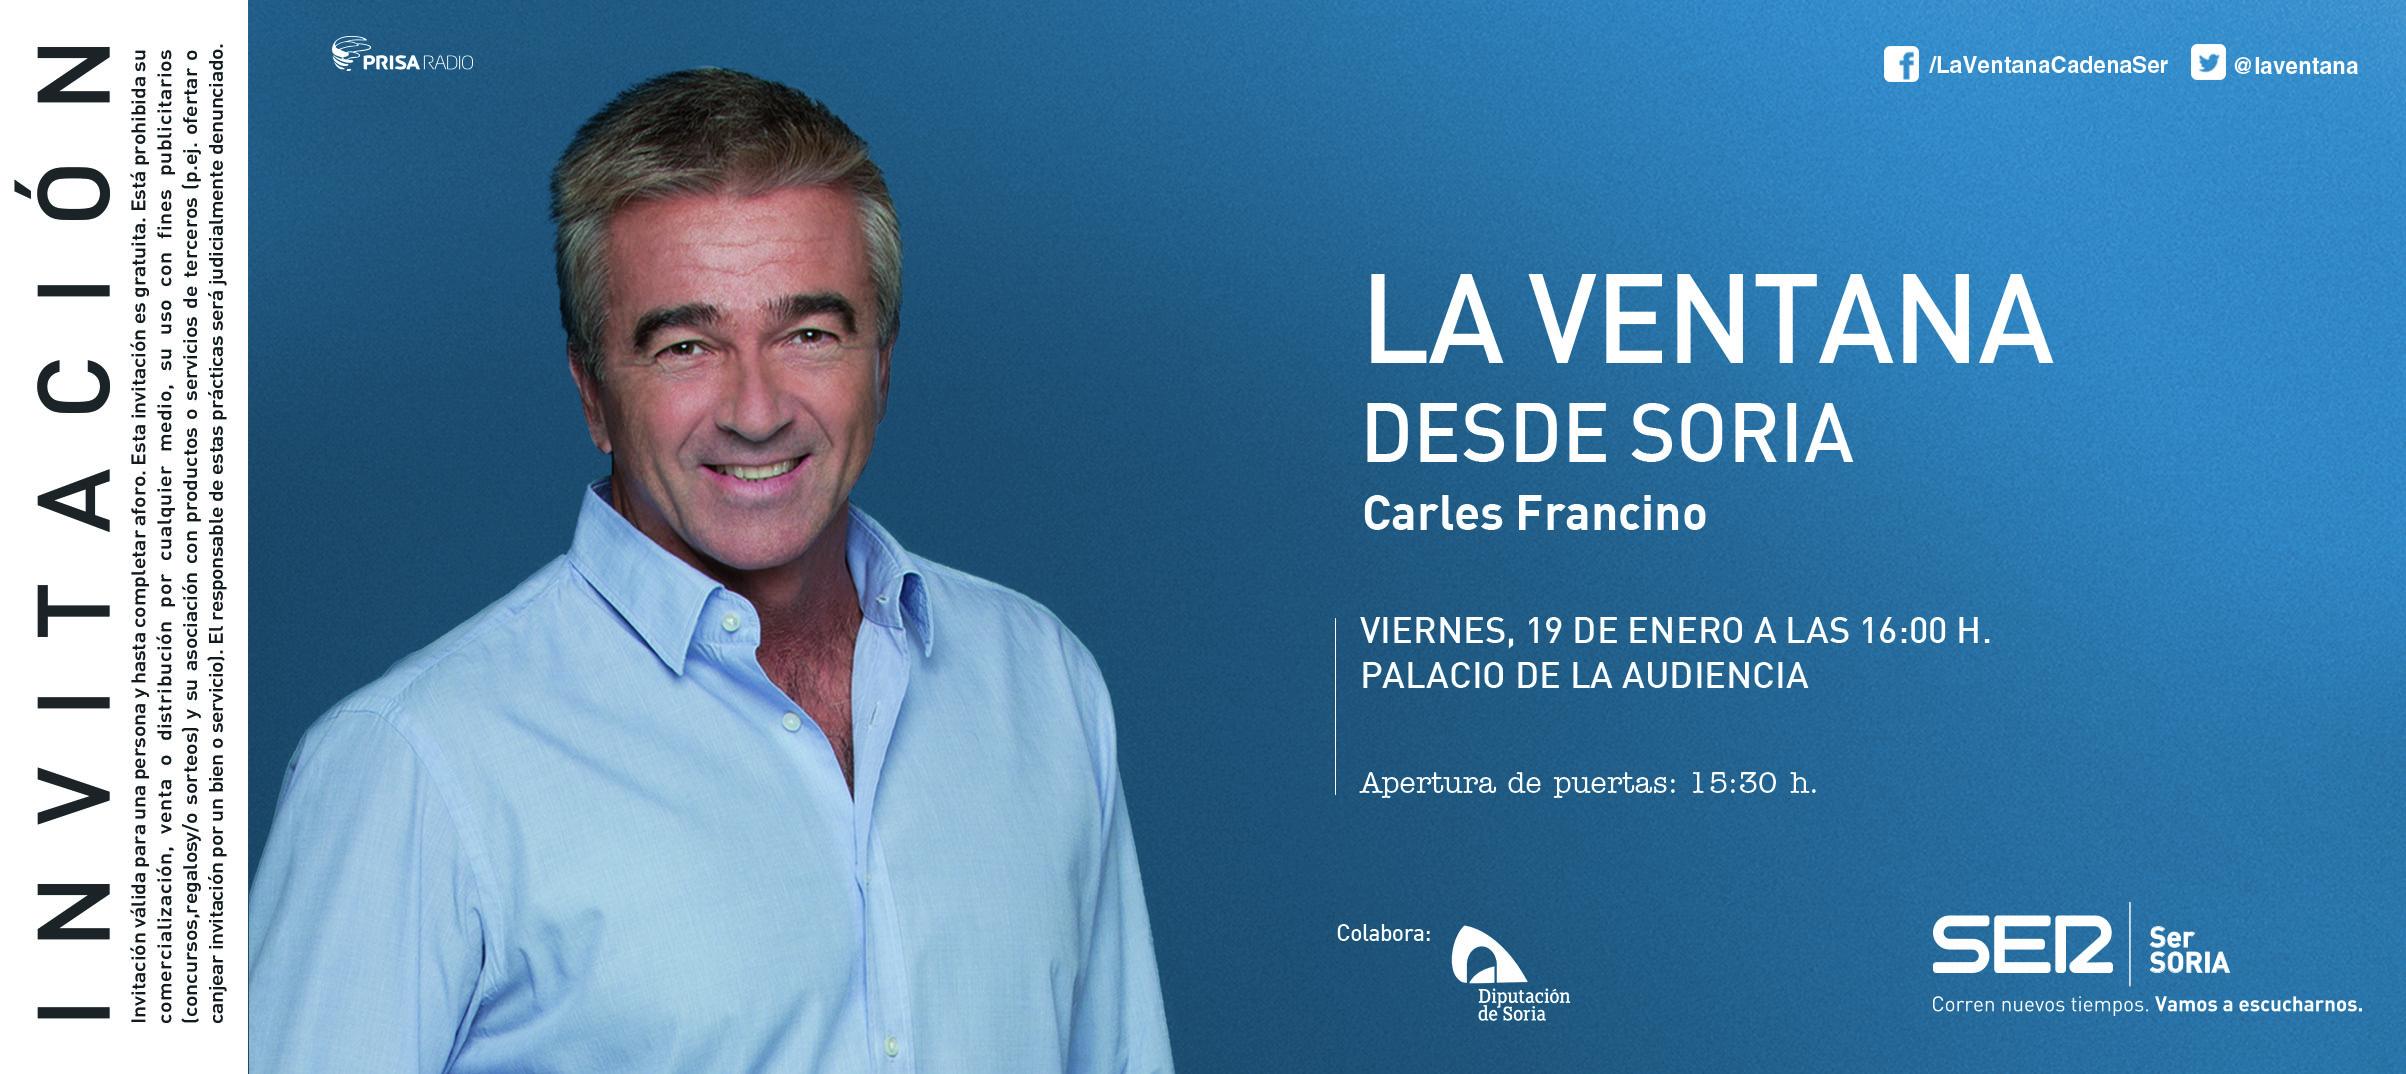 INVITACION_LaVentana_Soria 2